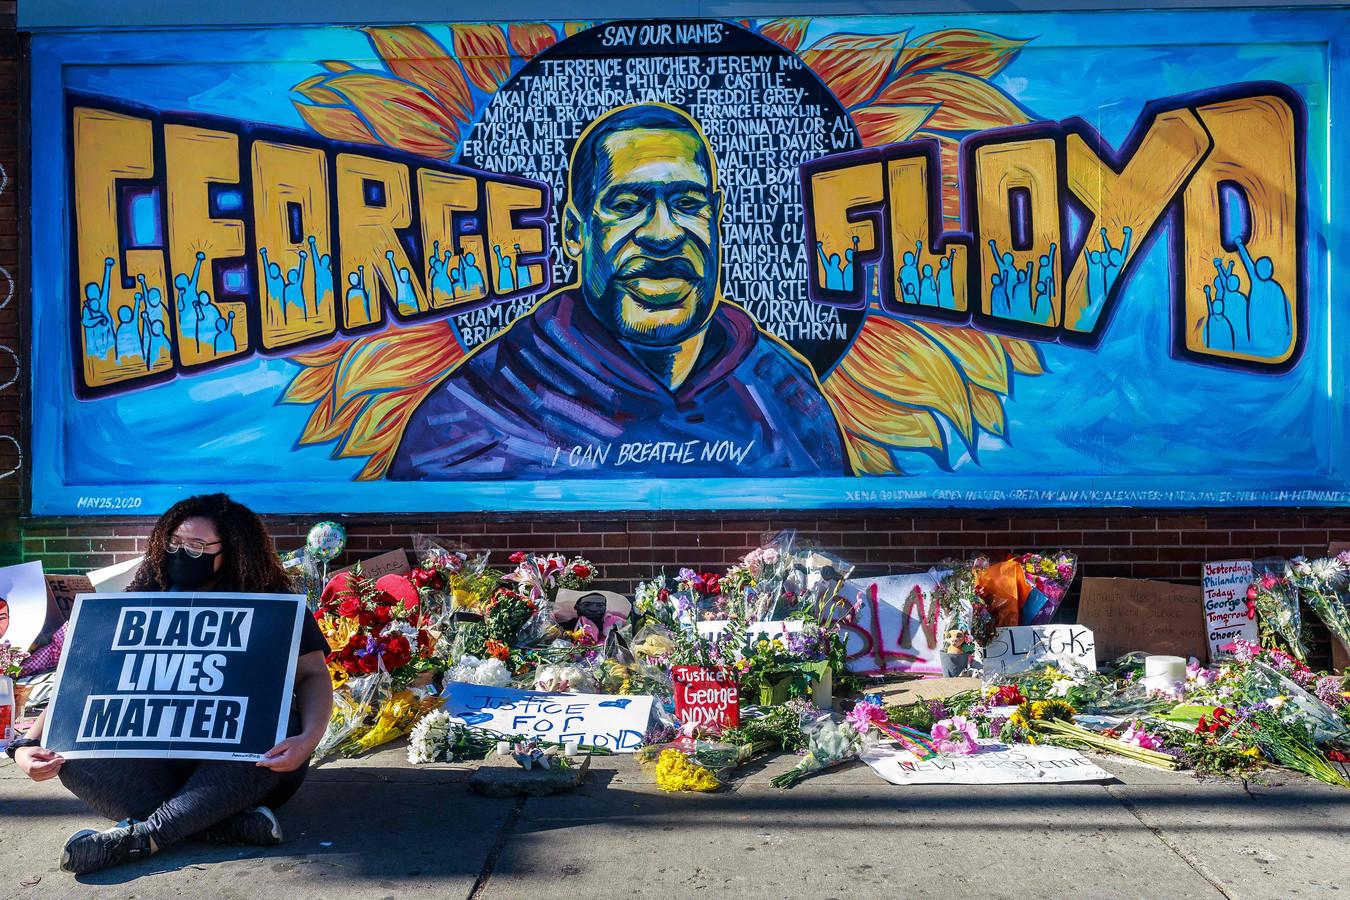 Een gedenkplenk voor George Floyd, vlakbij de plek waar hij overleed.